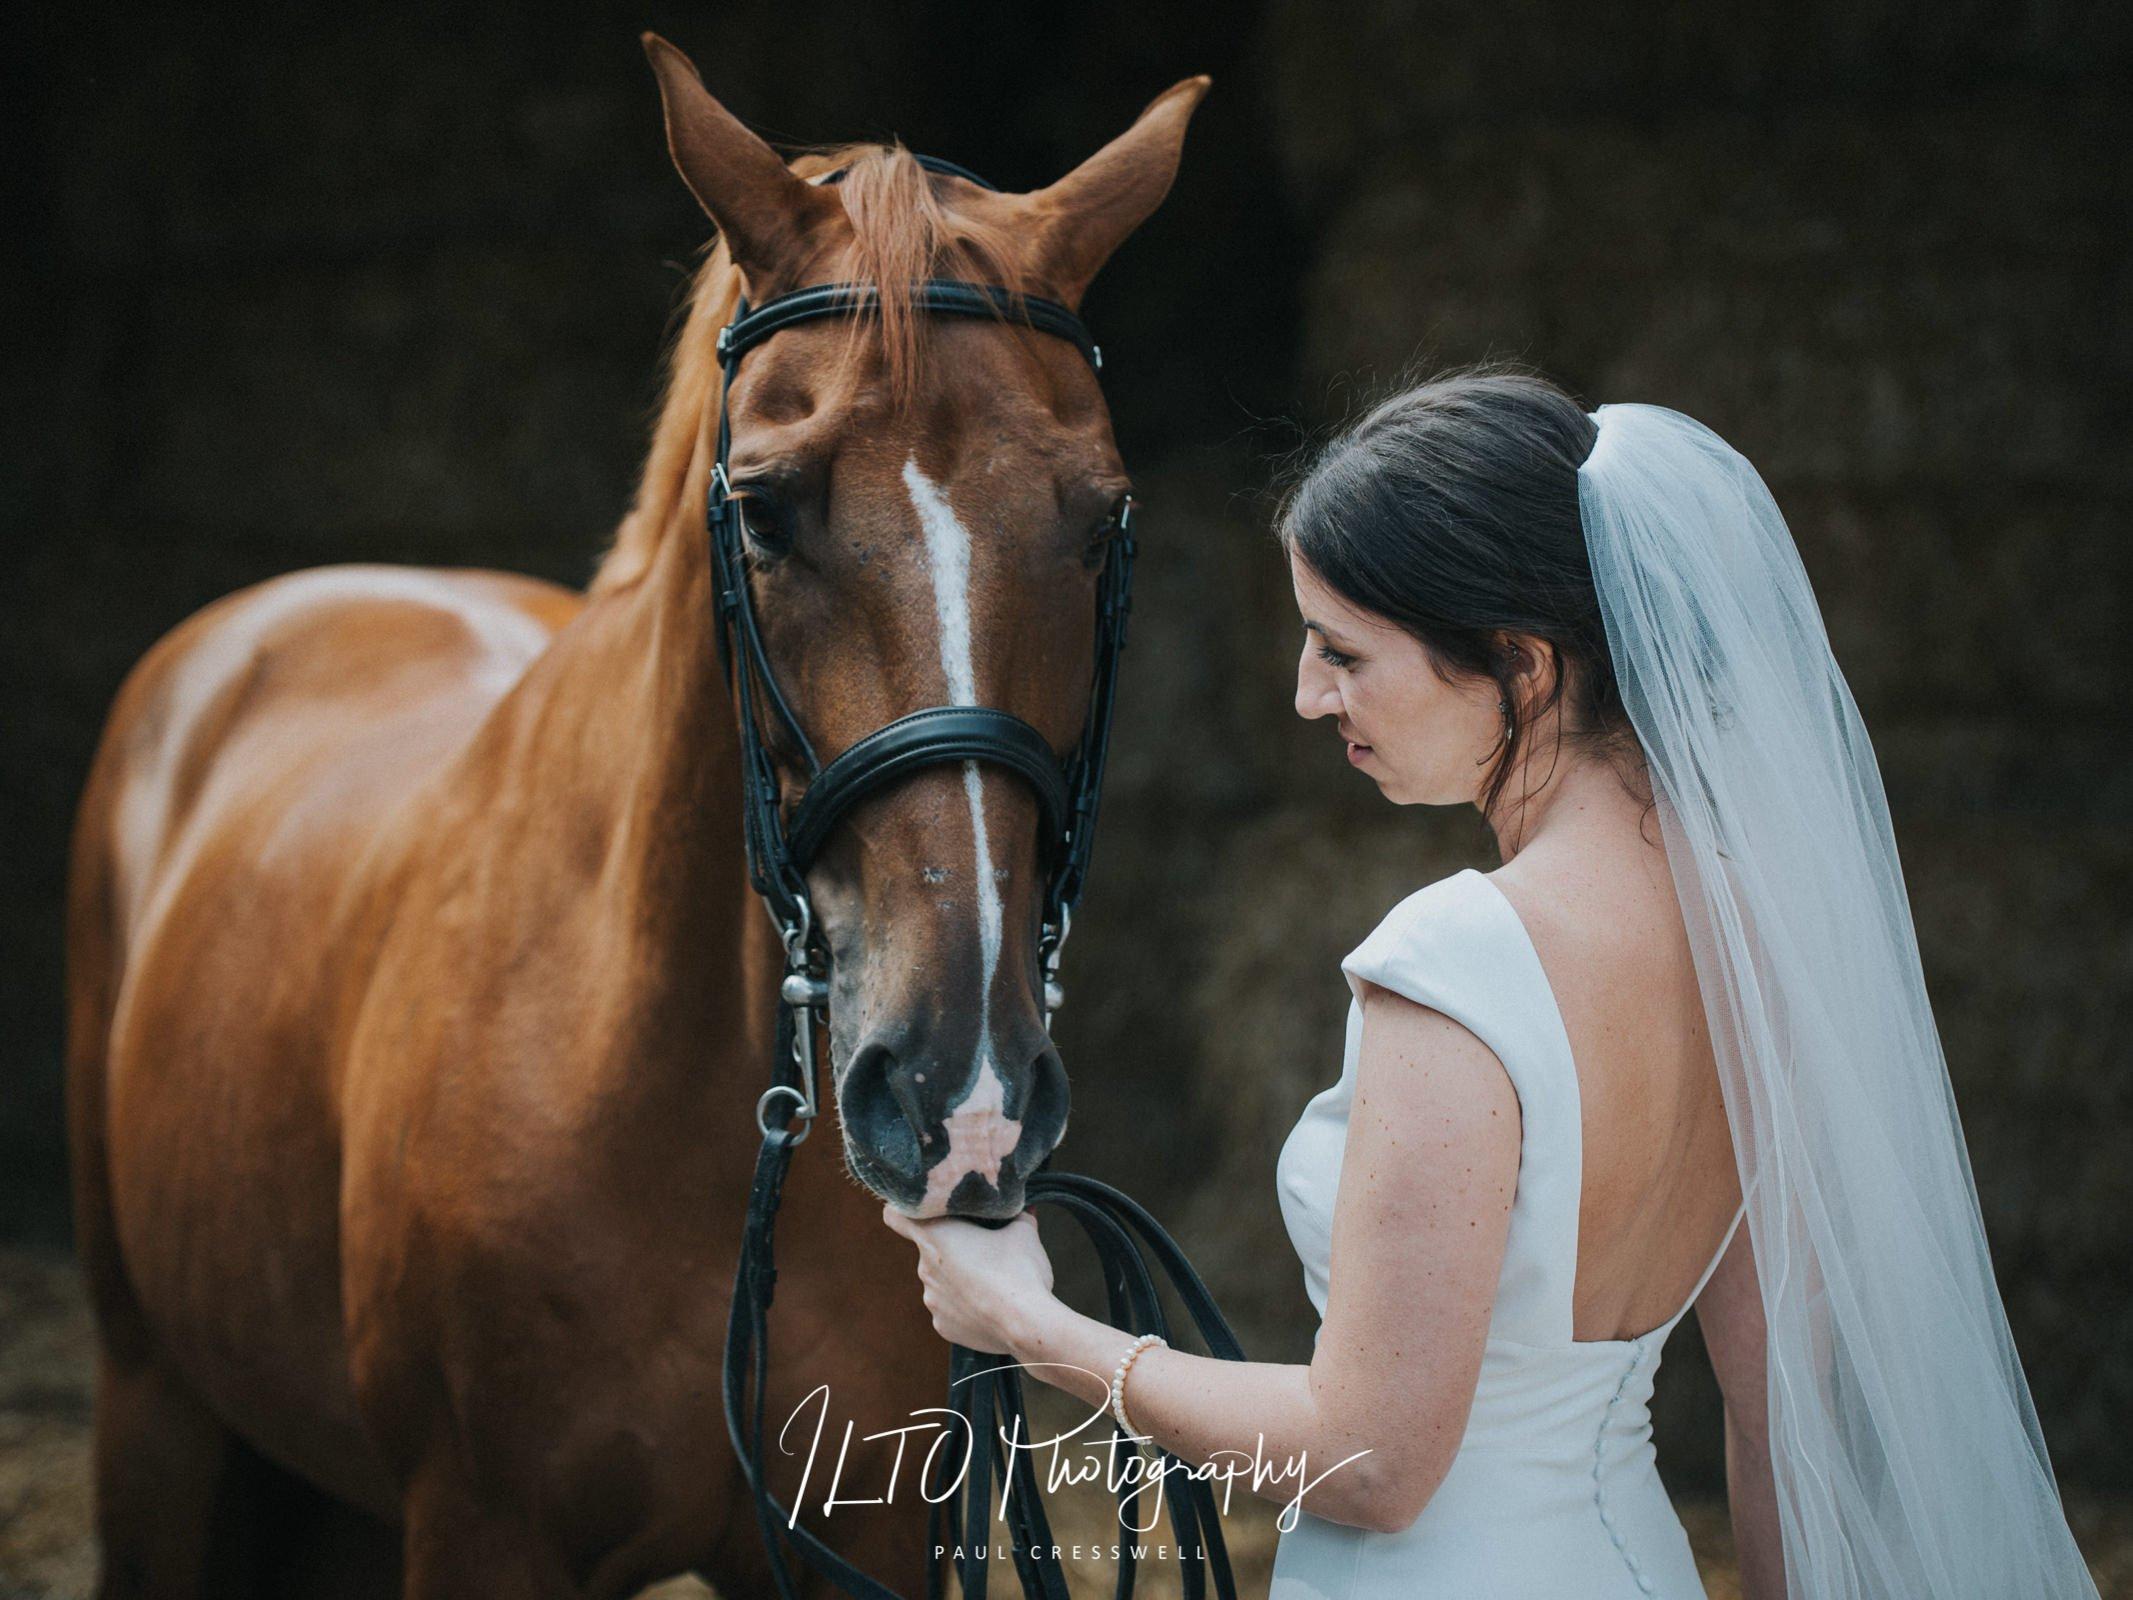 Wedding Portfolio, bride and a horse.